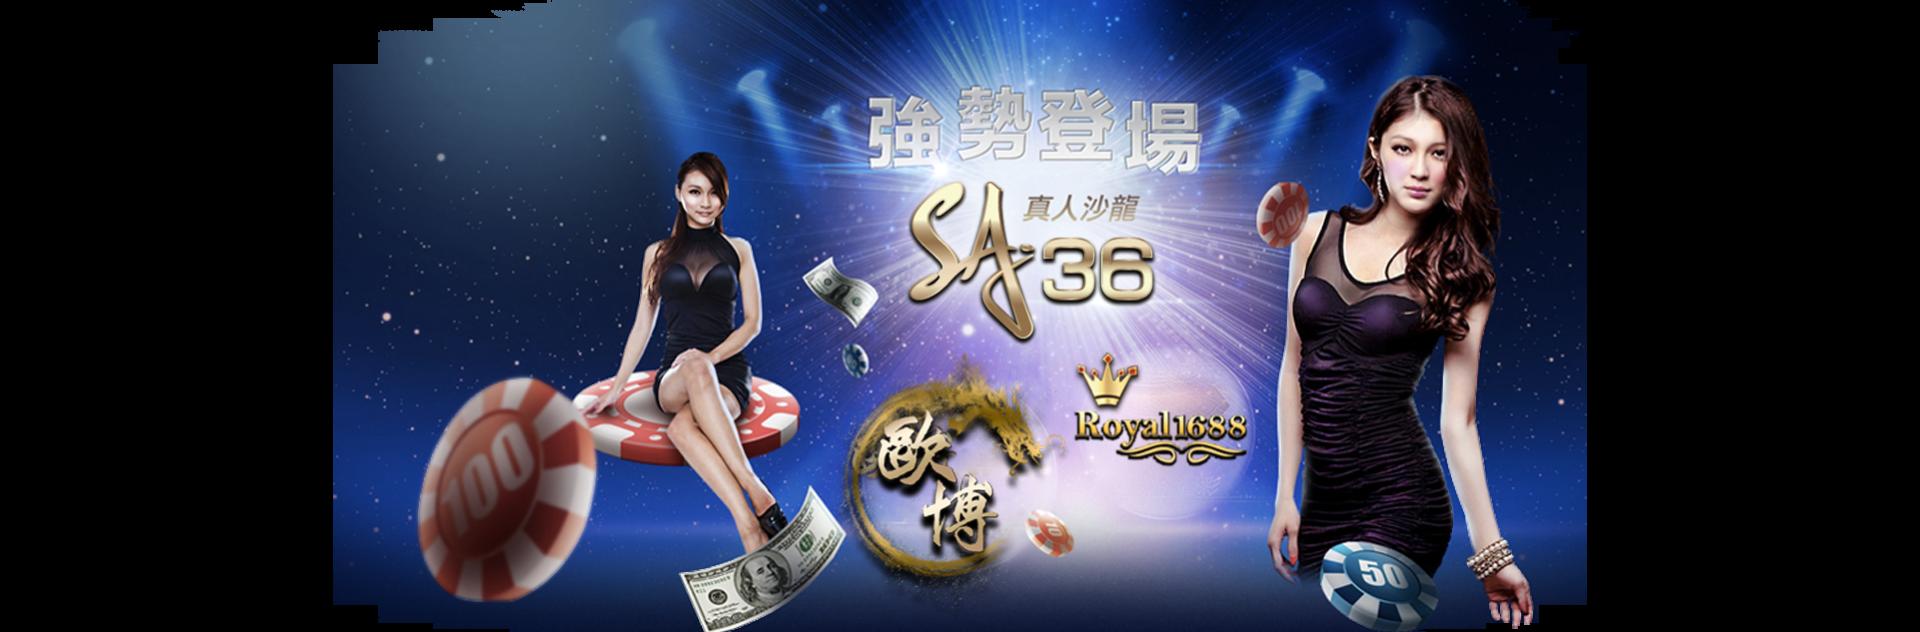 歐博娛樂城線上撲克遊戲|德州撲克|沙龍百家樂